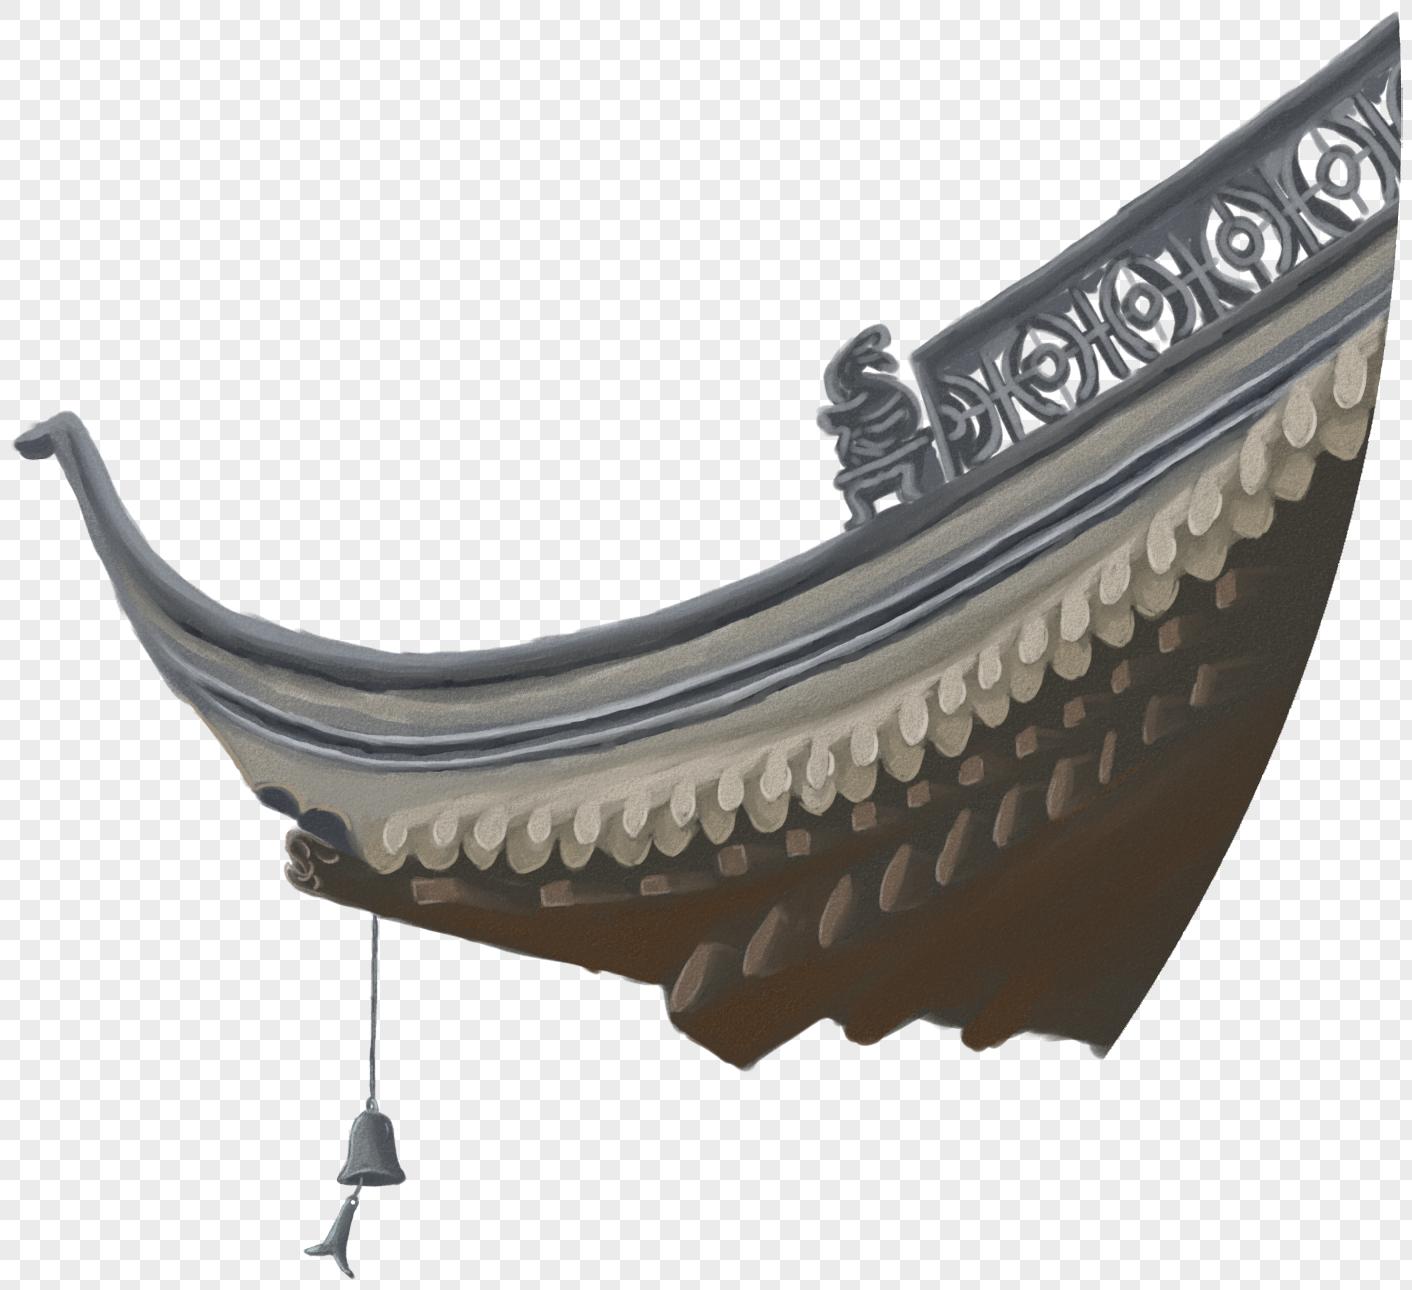 房檐元素素材png格式_设计素材免费下载_vrf高清图片